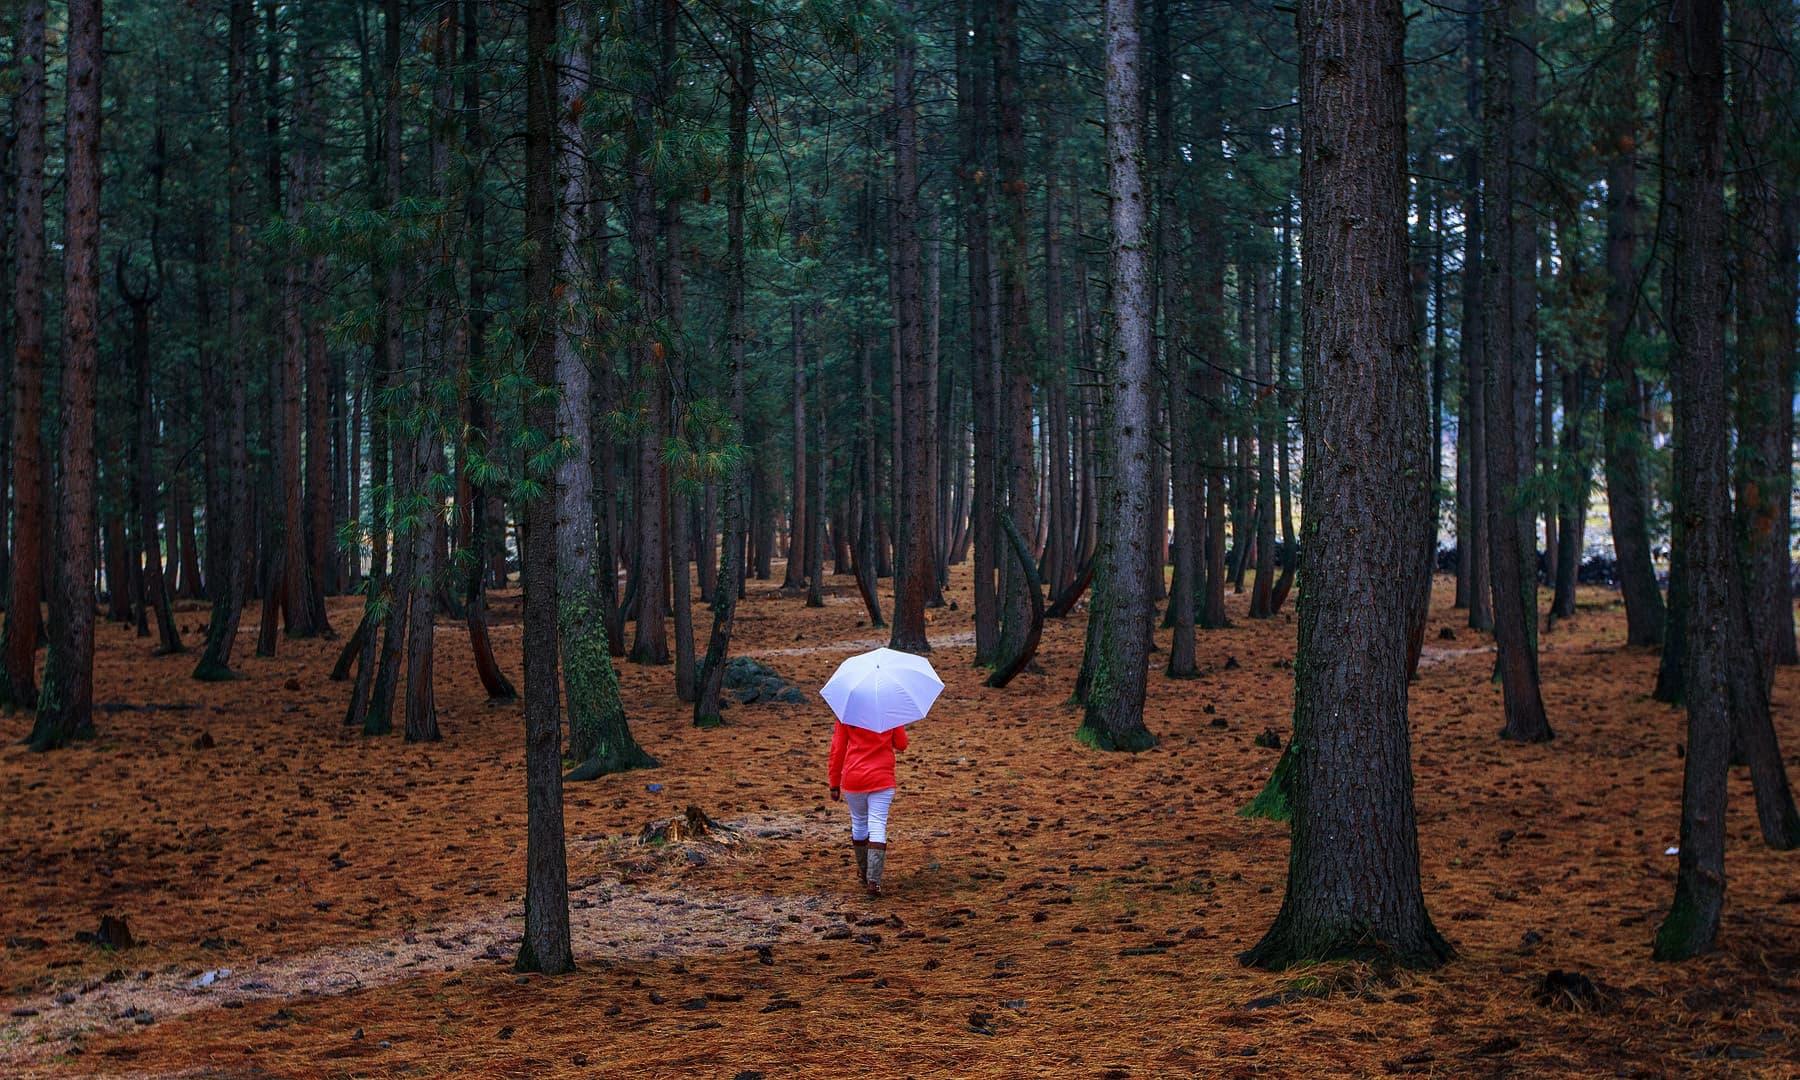 نلتر کا جنگل — فوٹو سید مہدی بخاری